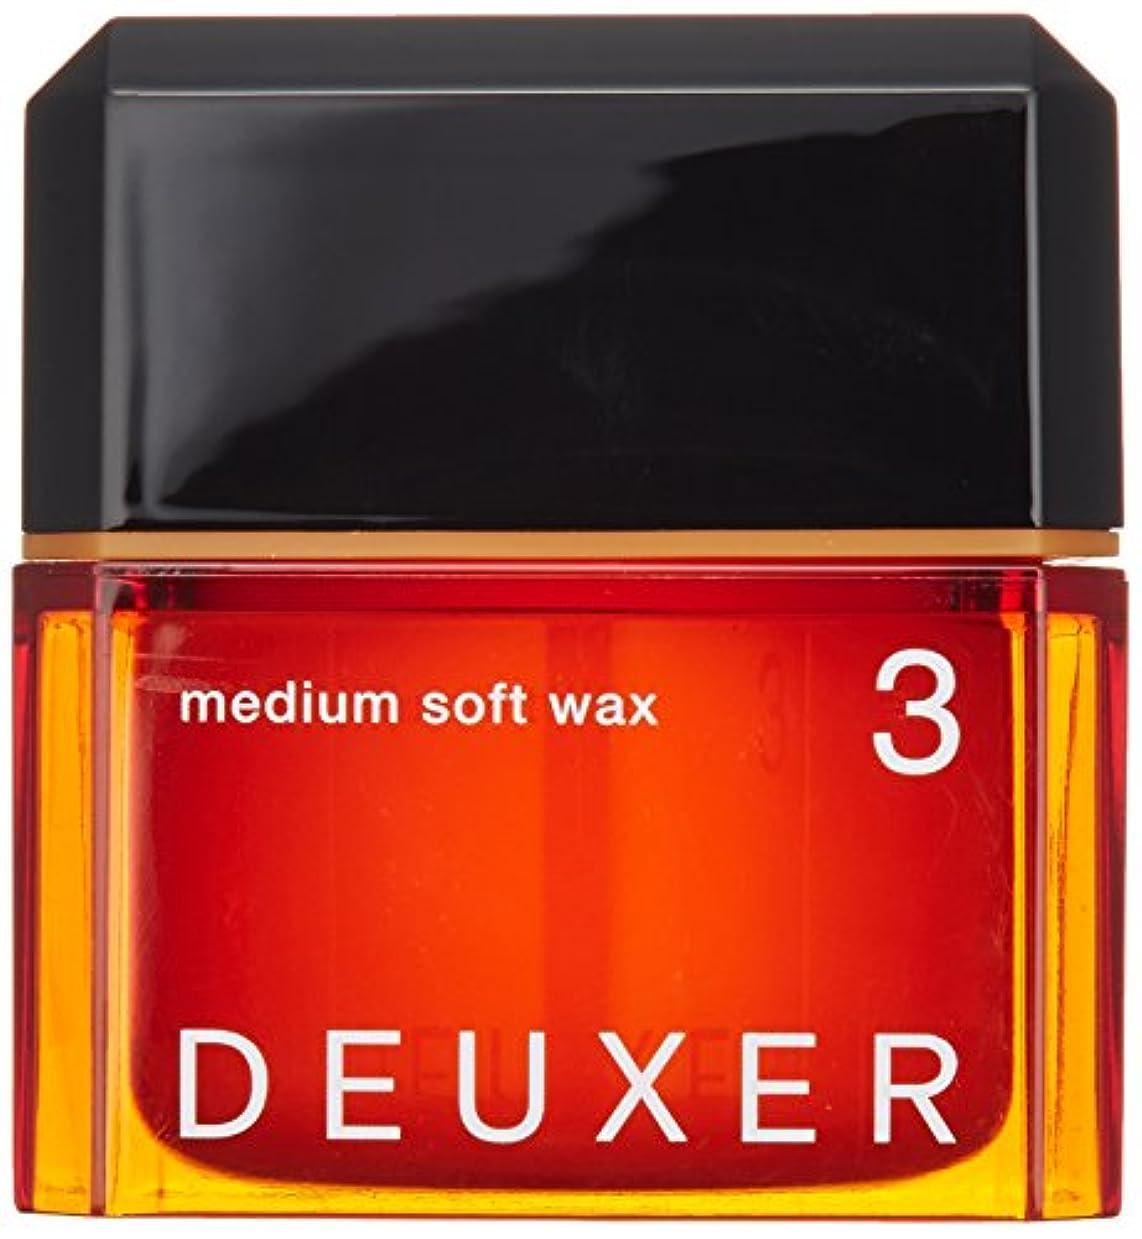 明らかにする配分ハプニングナンバースリー DEUXER(デューサー) ミディアムソフトワックス 3 80g